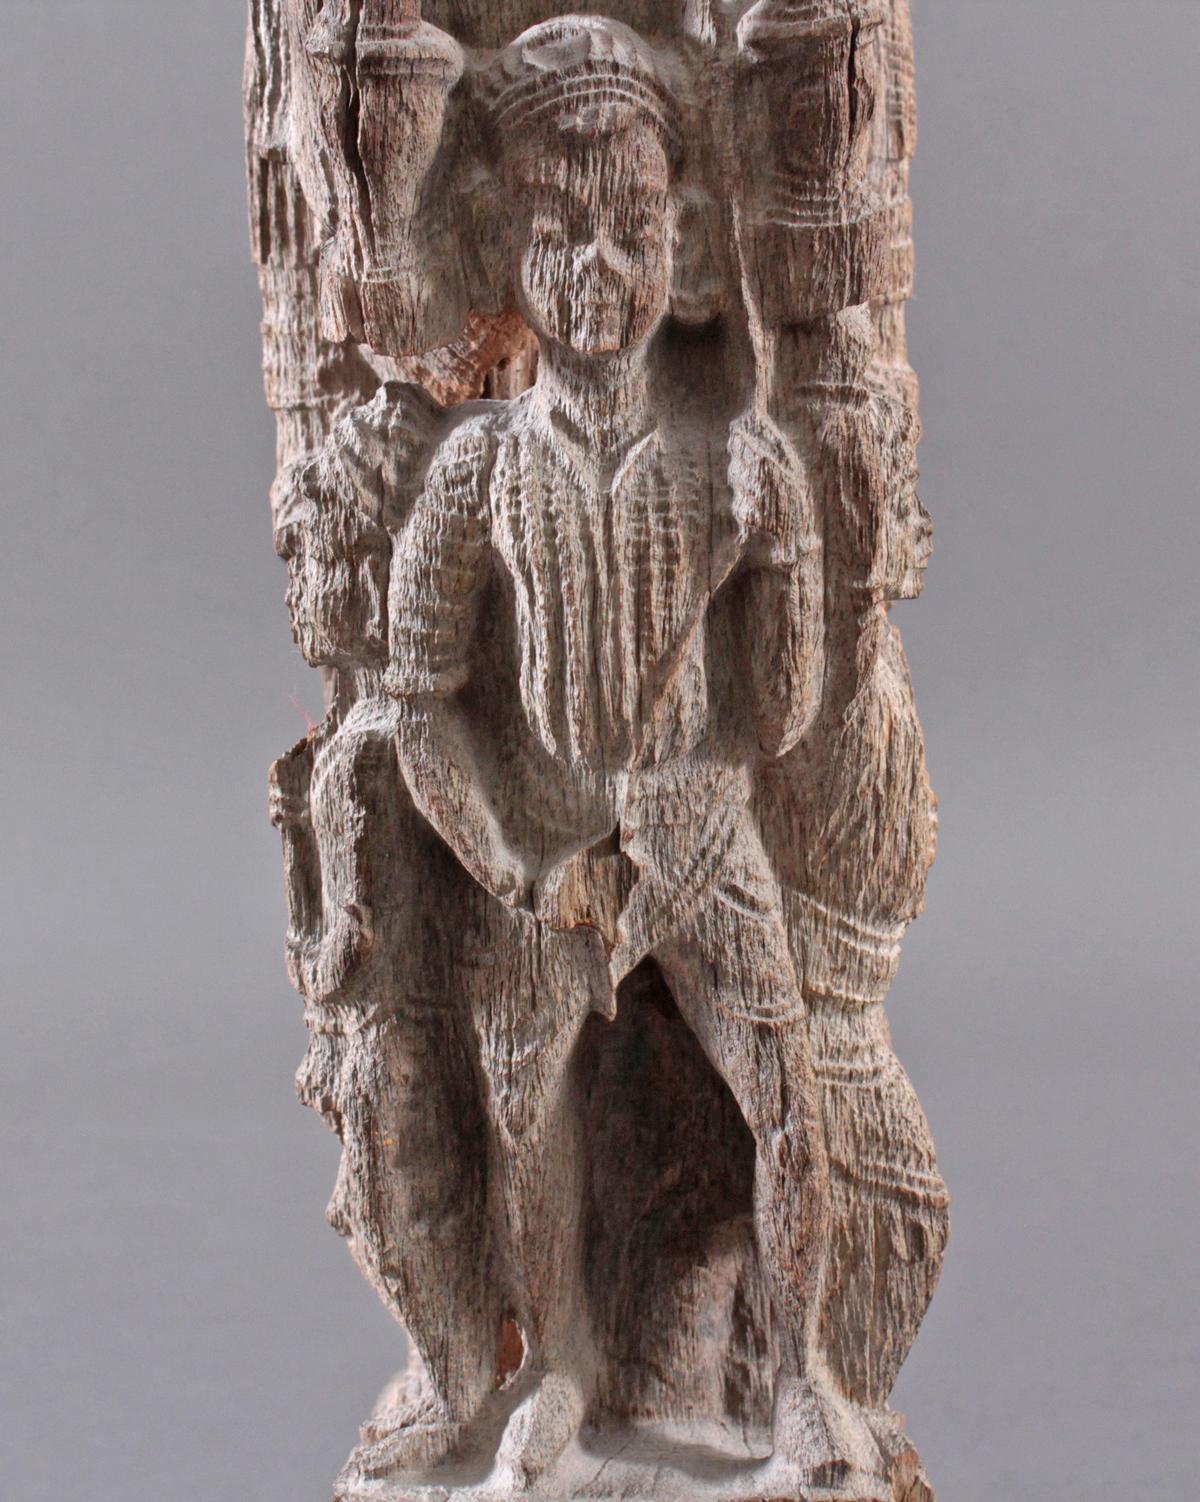 Holzplastik eines Reiters auf einem Pferd, Indien wohl Orissa 15./16. Jh.-8